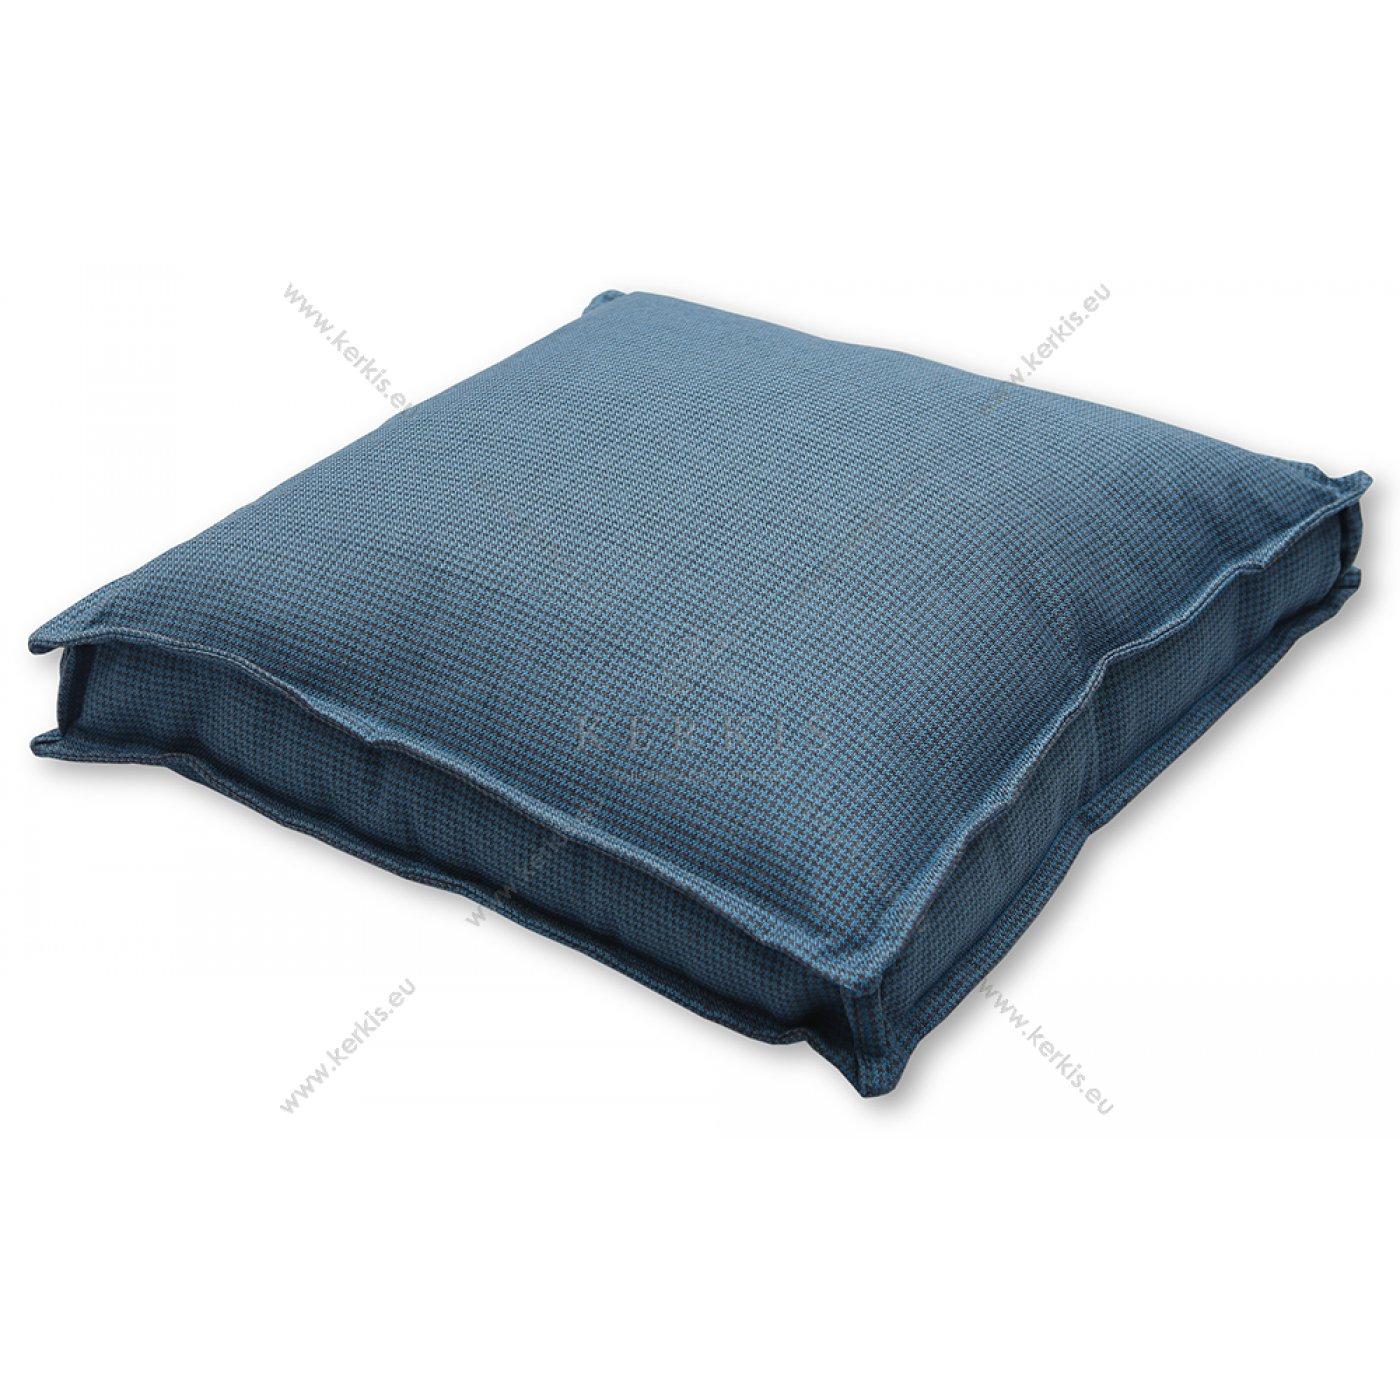 Μαξιλάρα δαπέδου Pied de poul μπλε